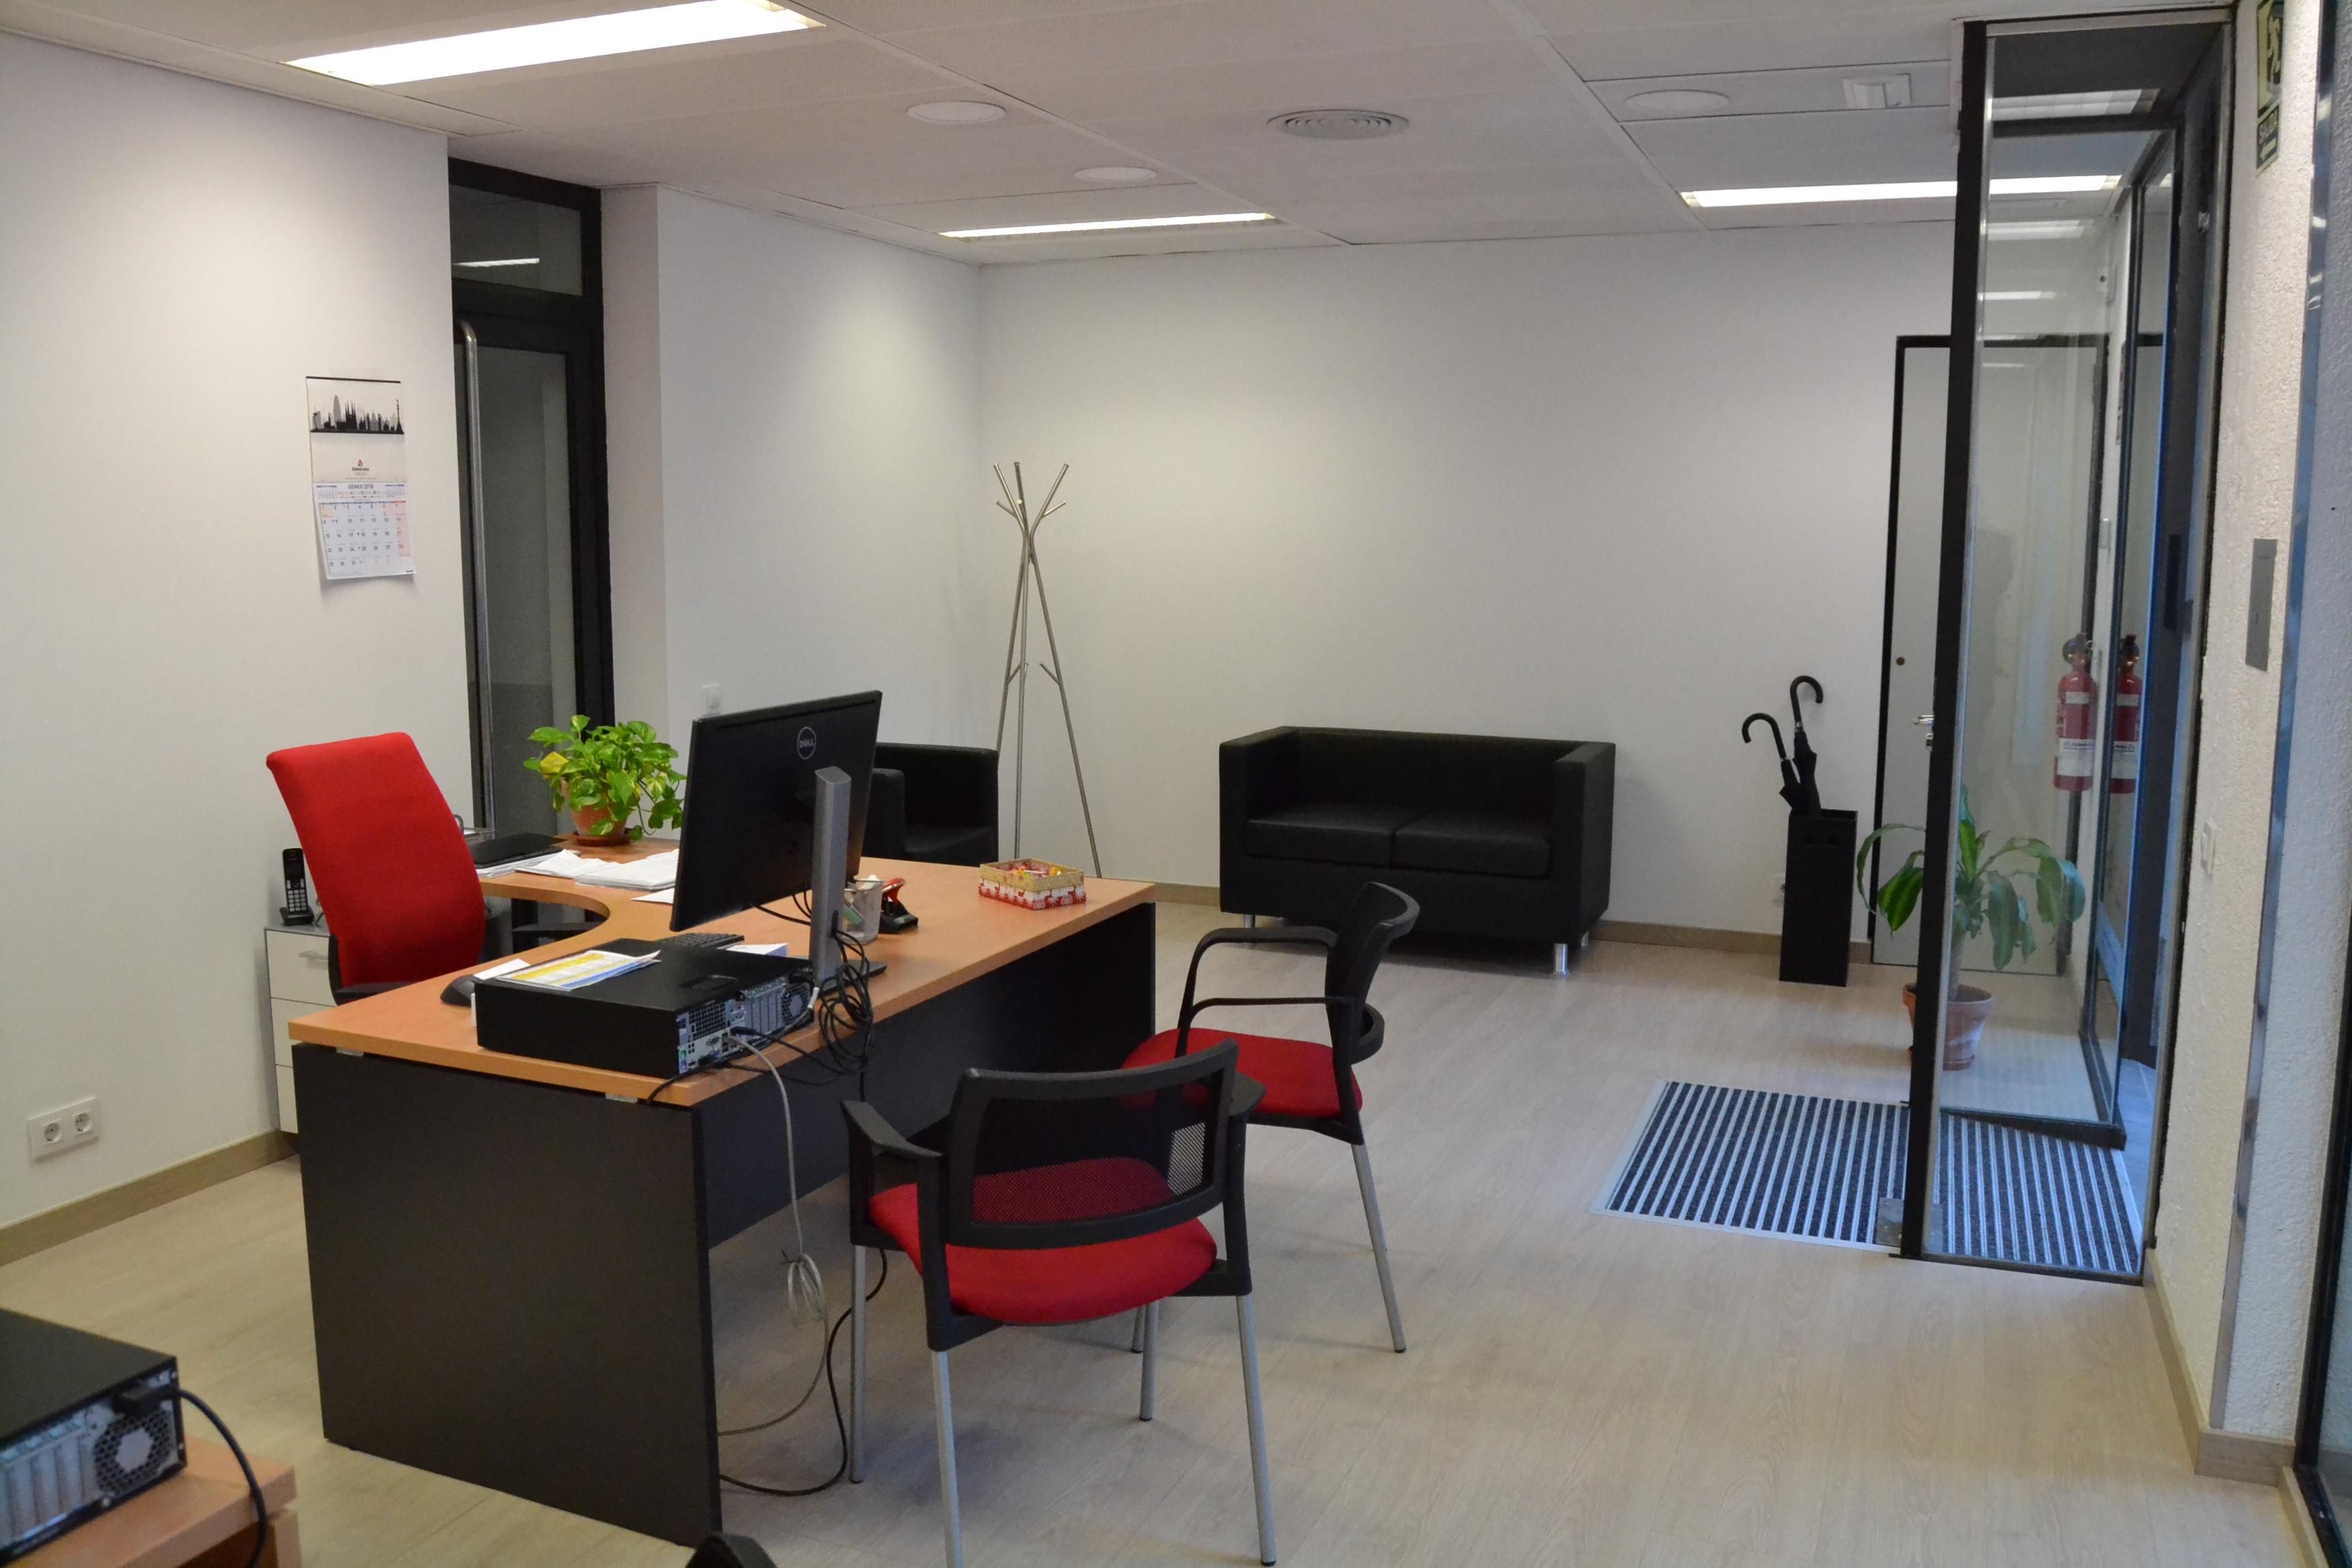 Reforma integral de local para oficina inmobiliaria estancia